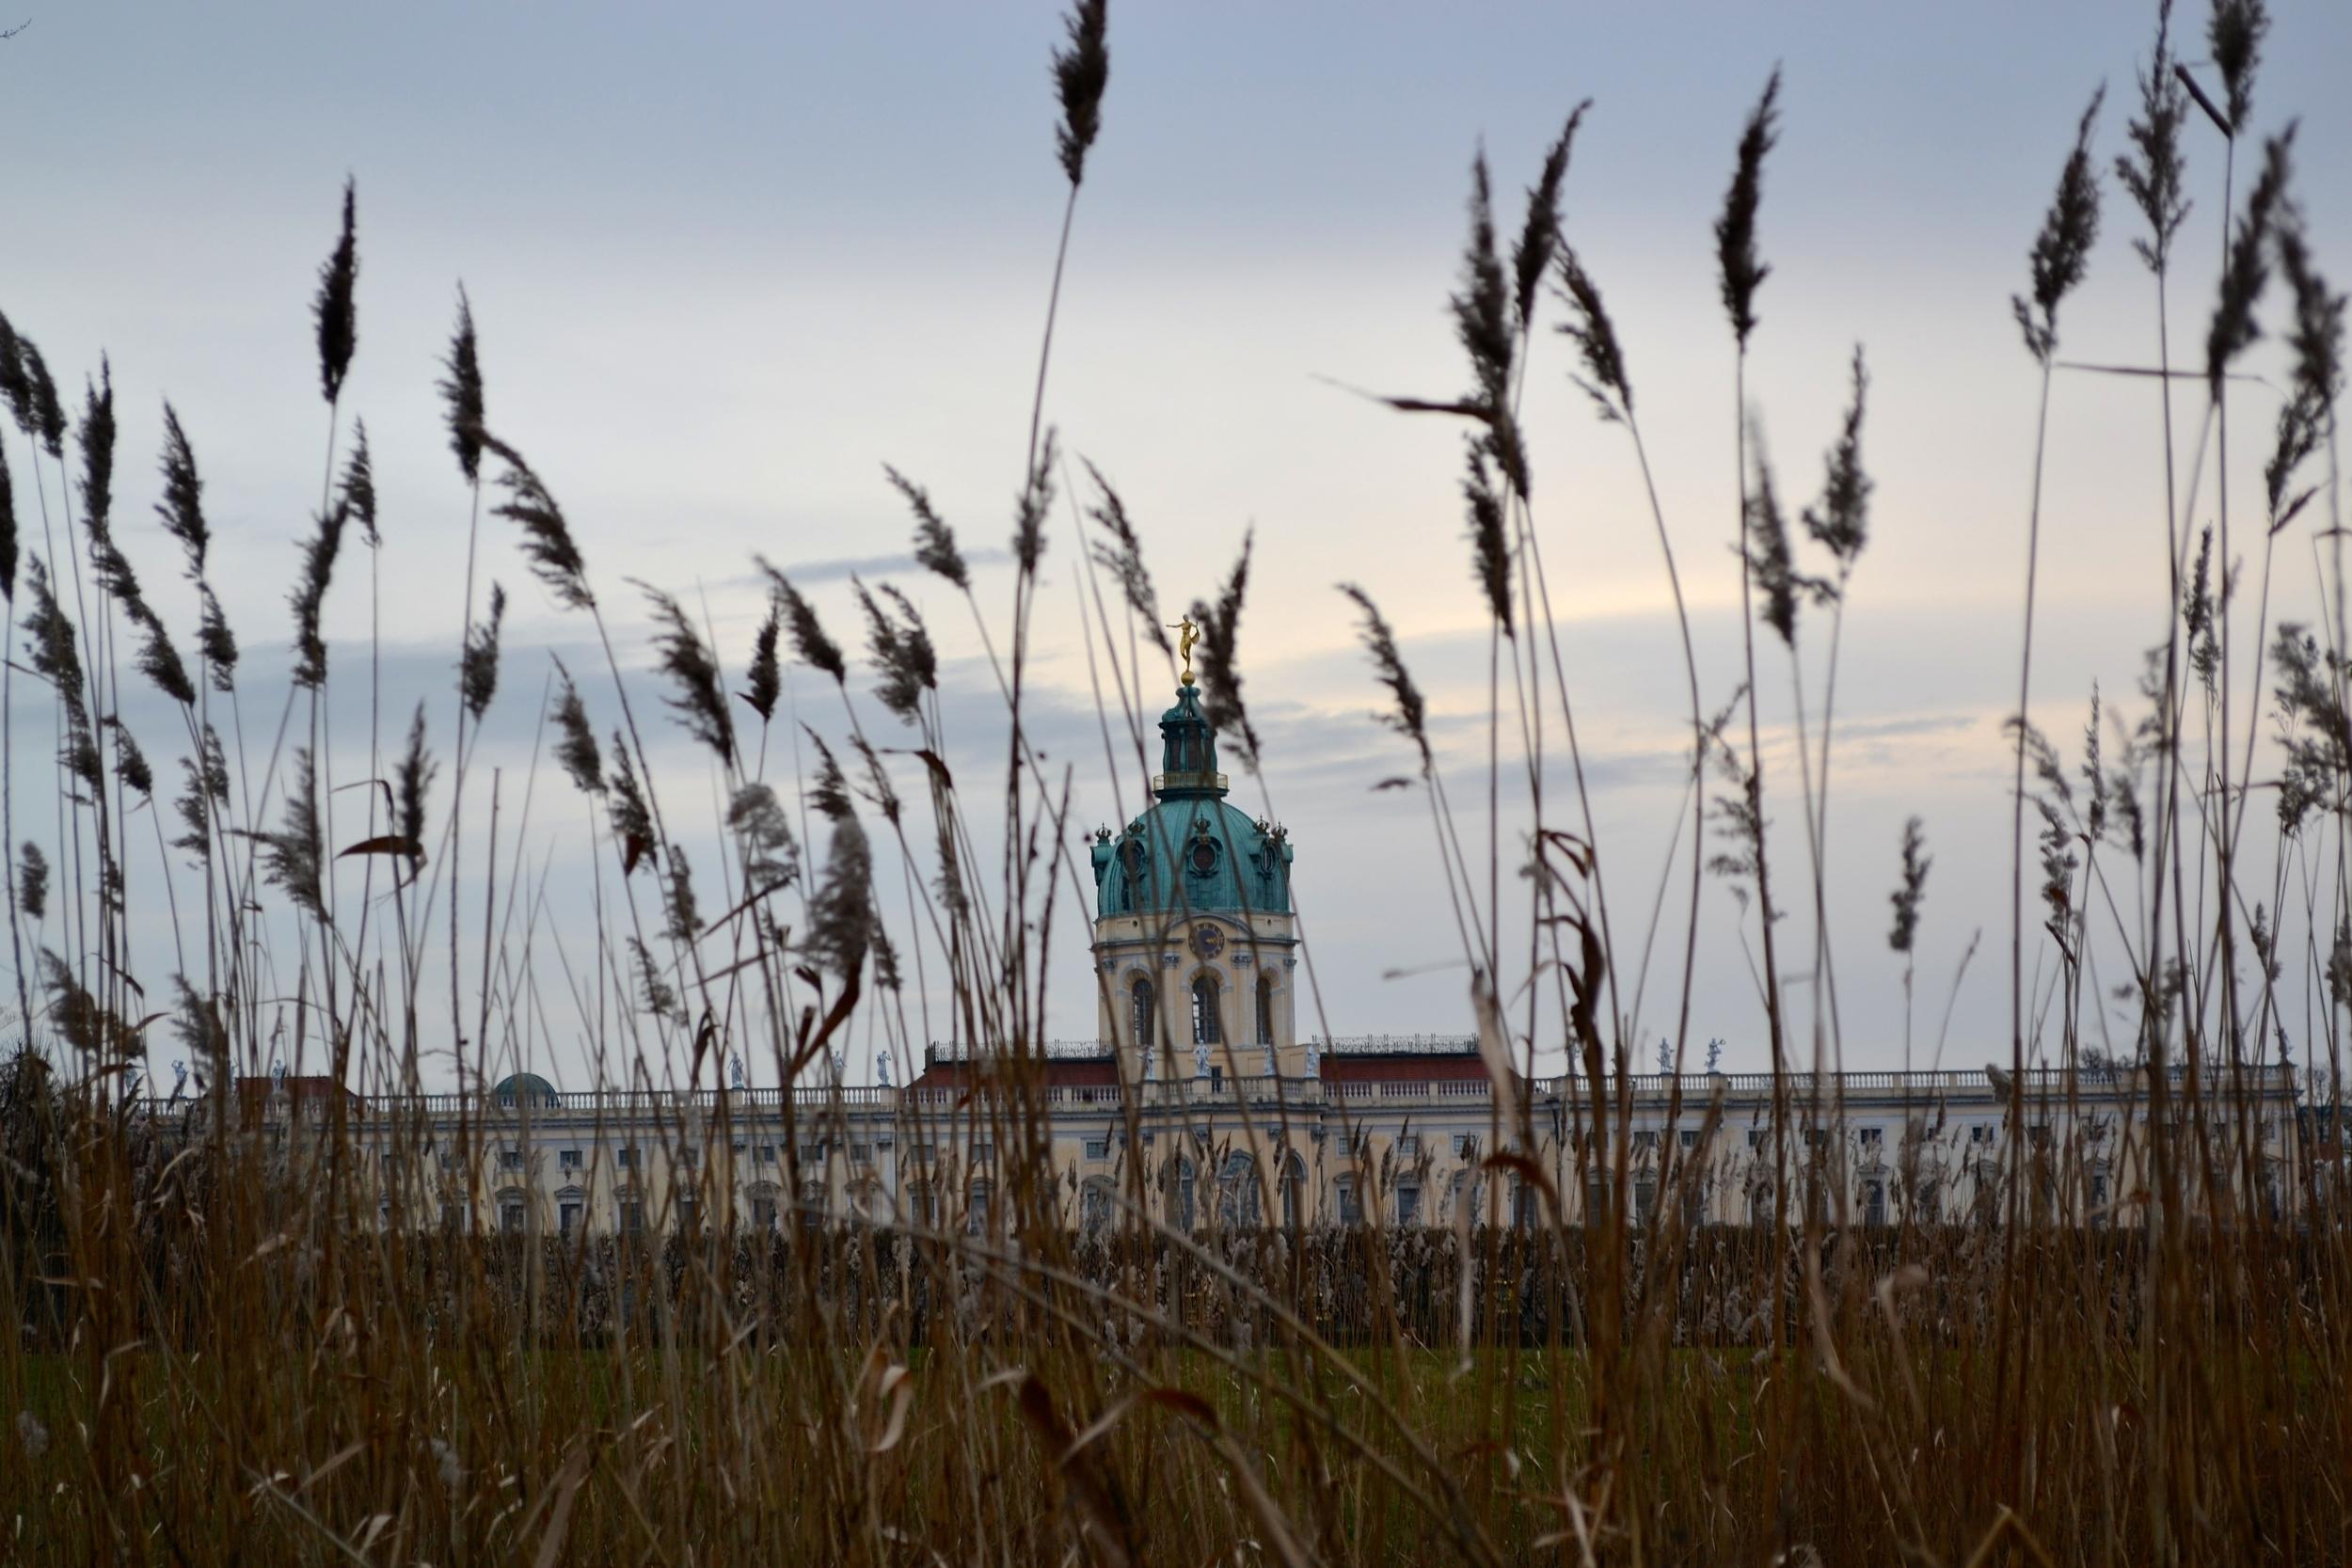 A view of Schloss Charlottenburg through the reeds.